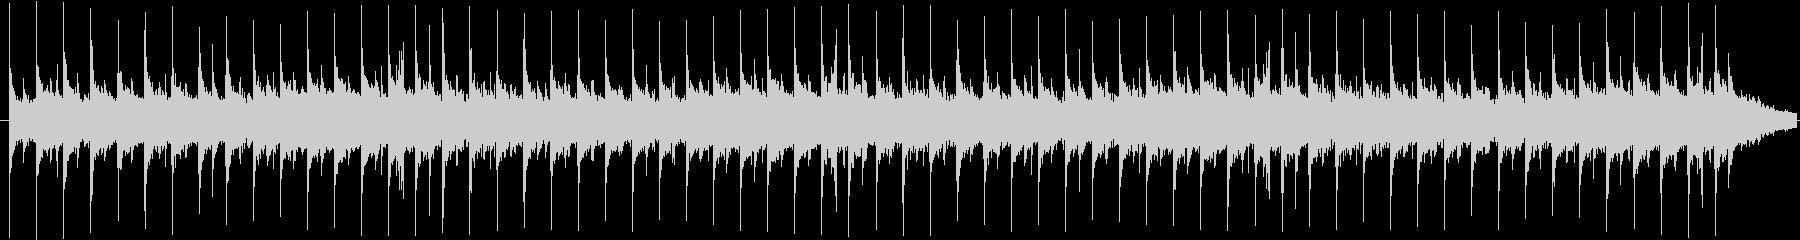 8ビート エレクトロ系 ループの未再生の波形